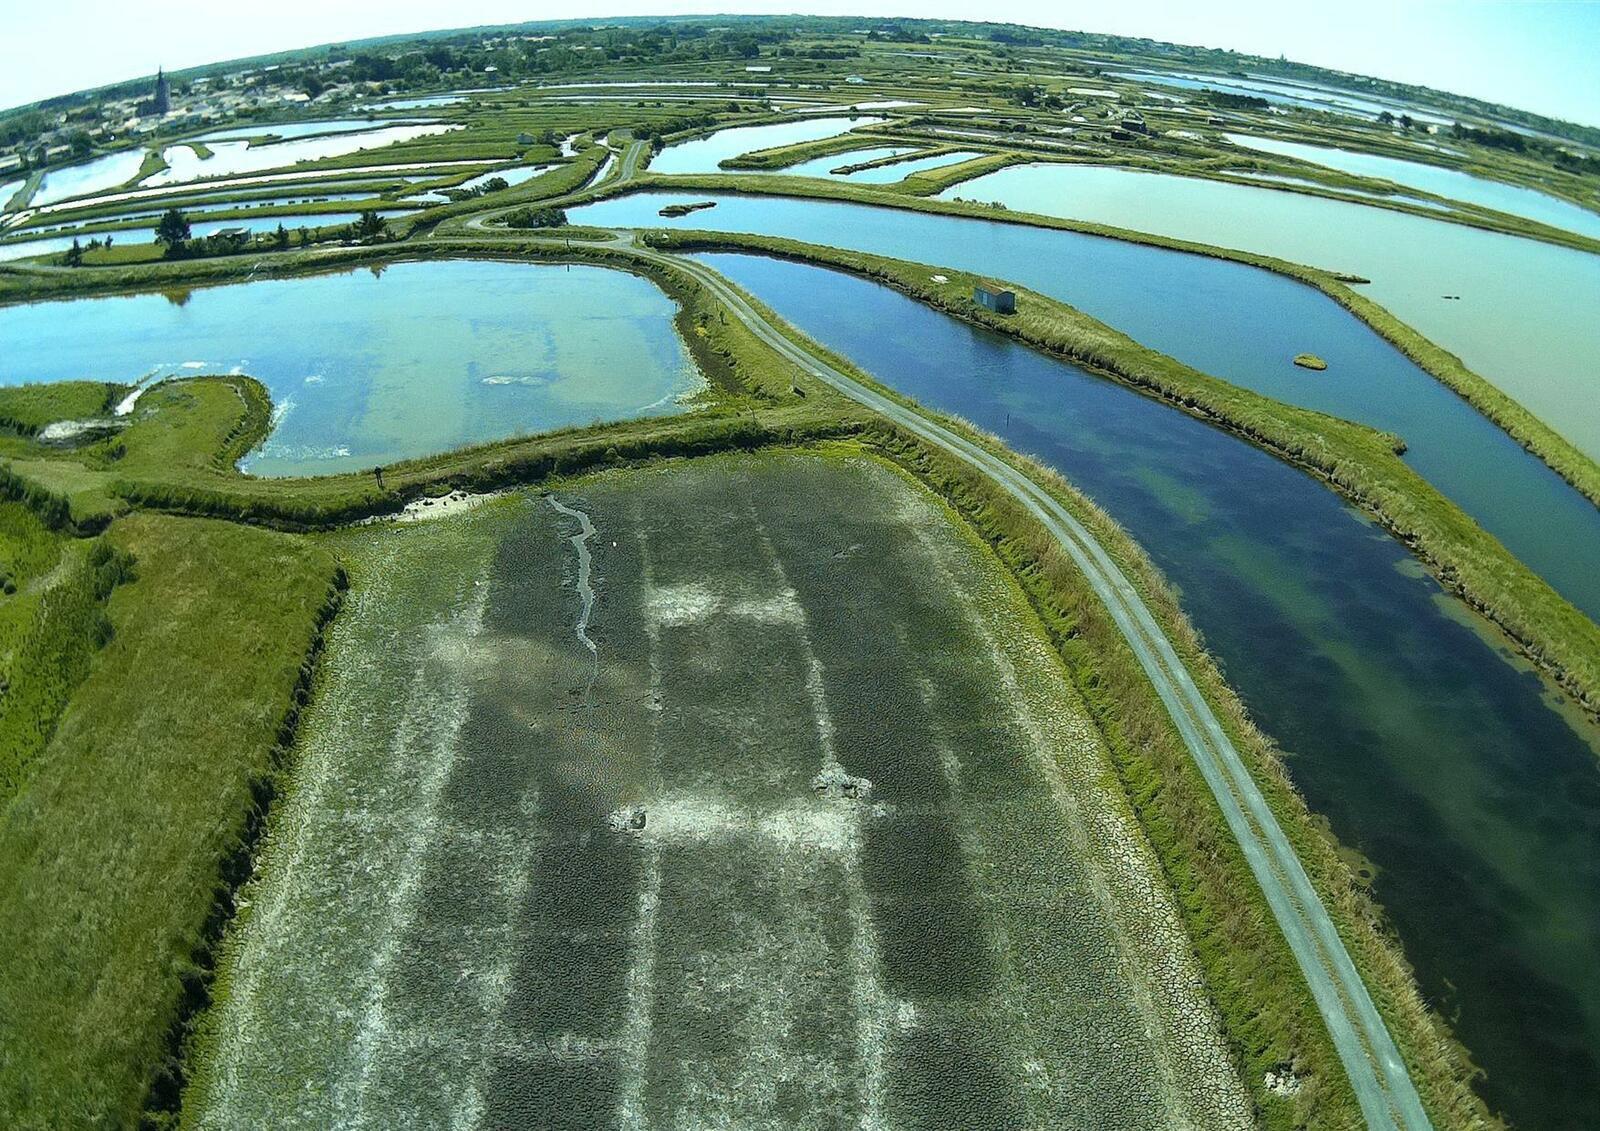 Le marais Cormier et ses salicornes